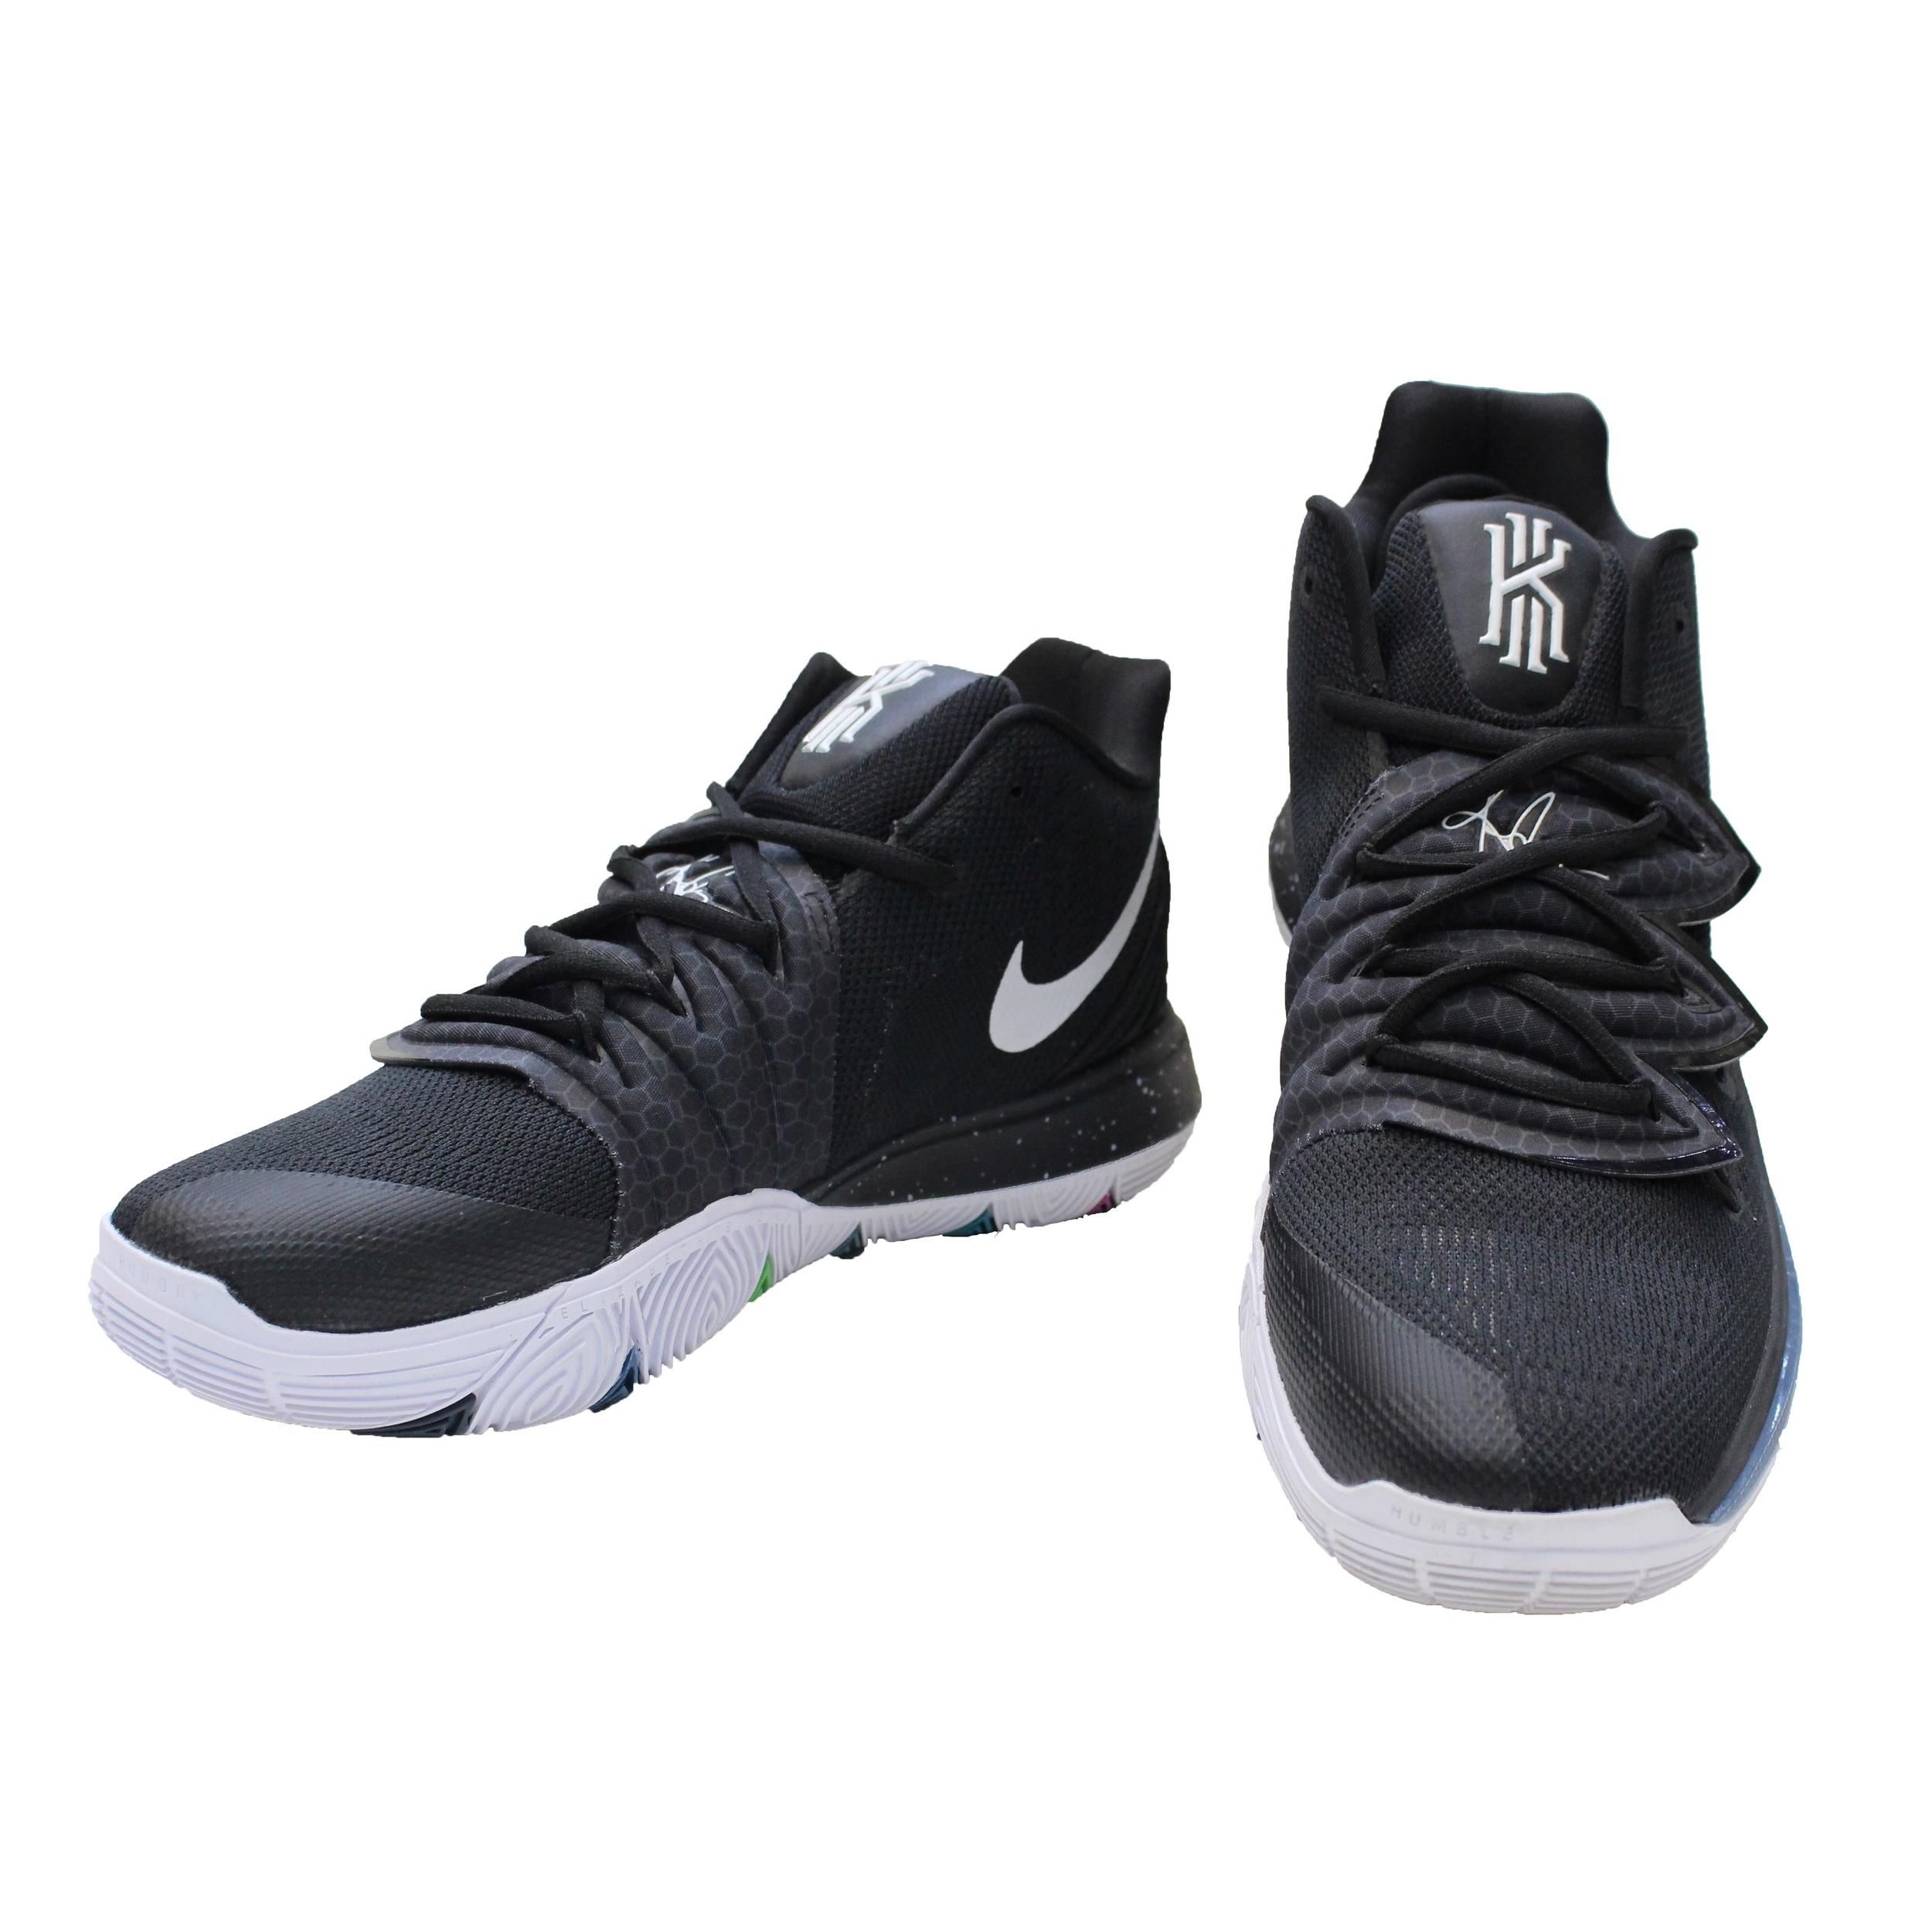 خرید                       کفش بسکتبال مردانه نایکی مدل Kyrie 5 کد A02919-901